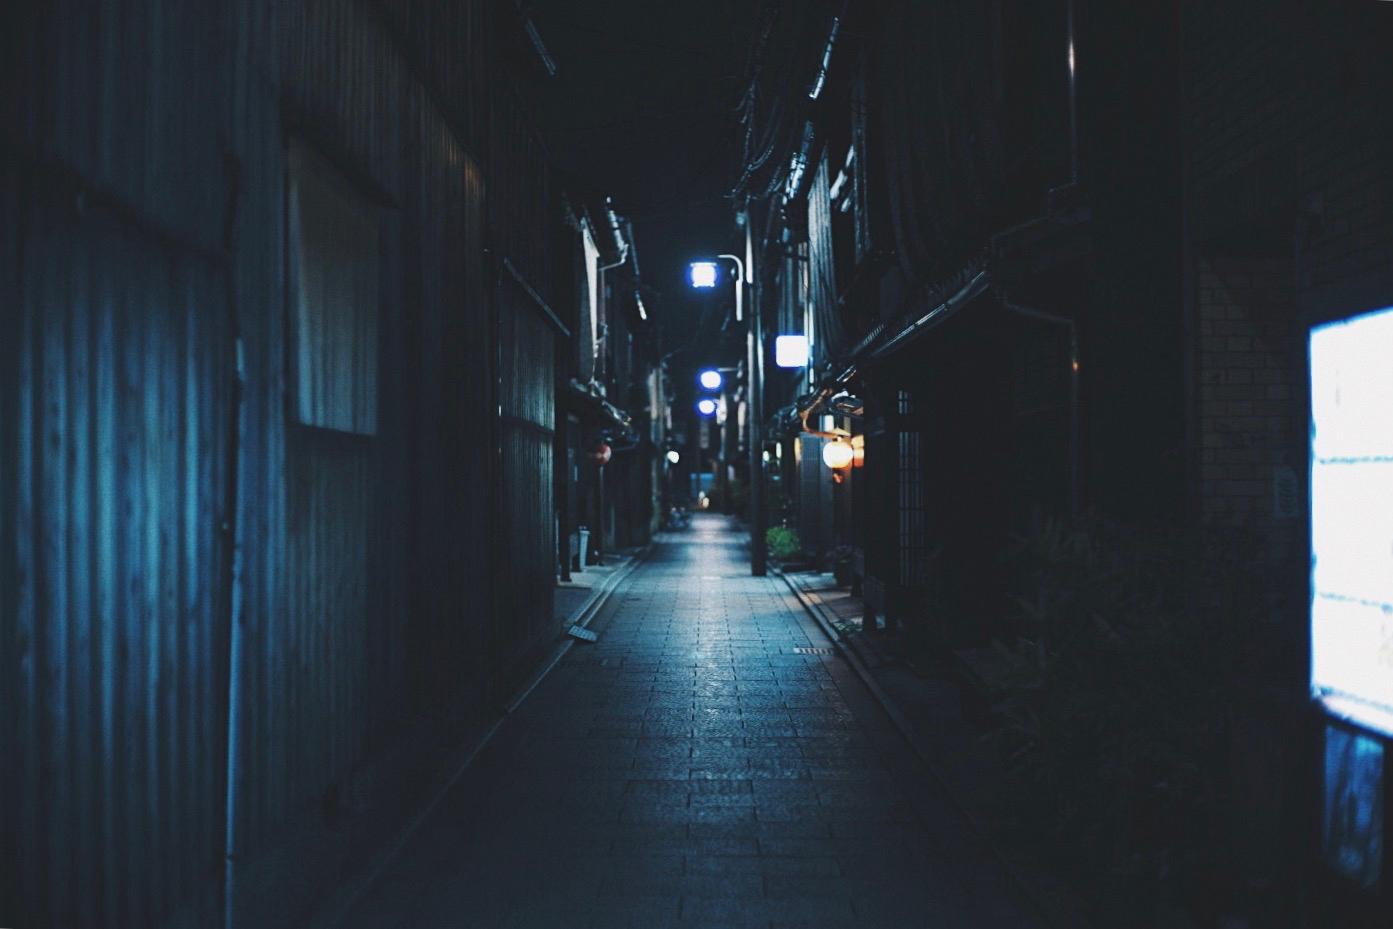 JAPAN 5-17 - 104 of 188.jpg